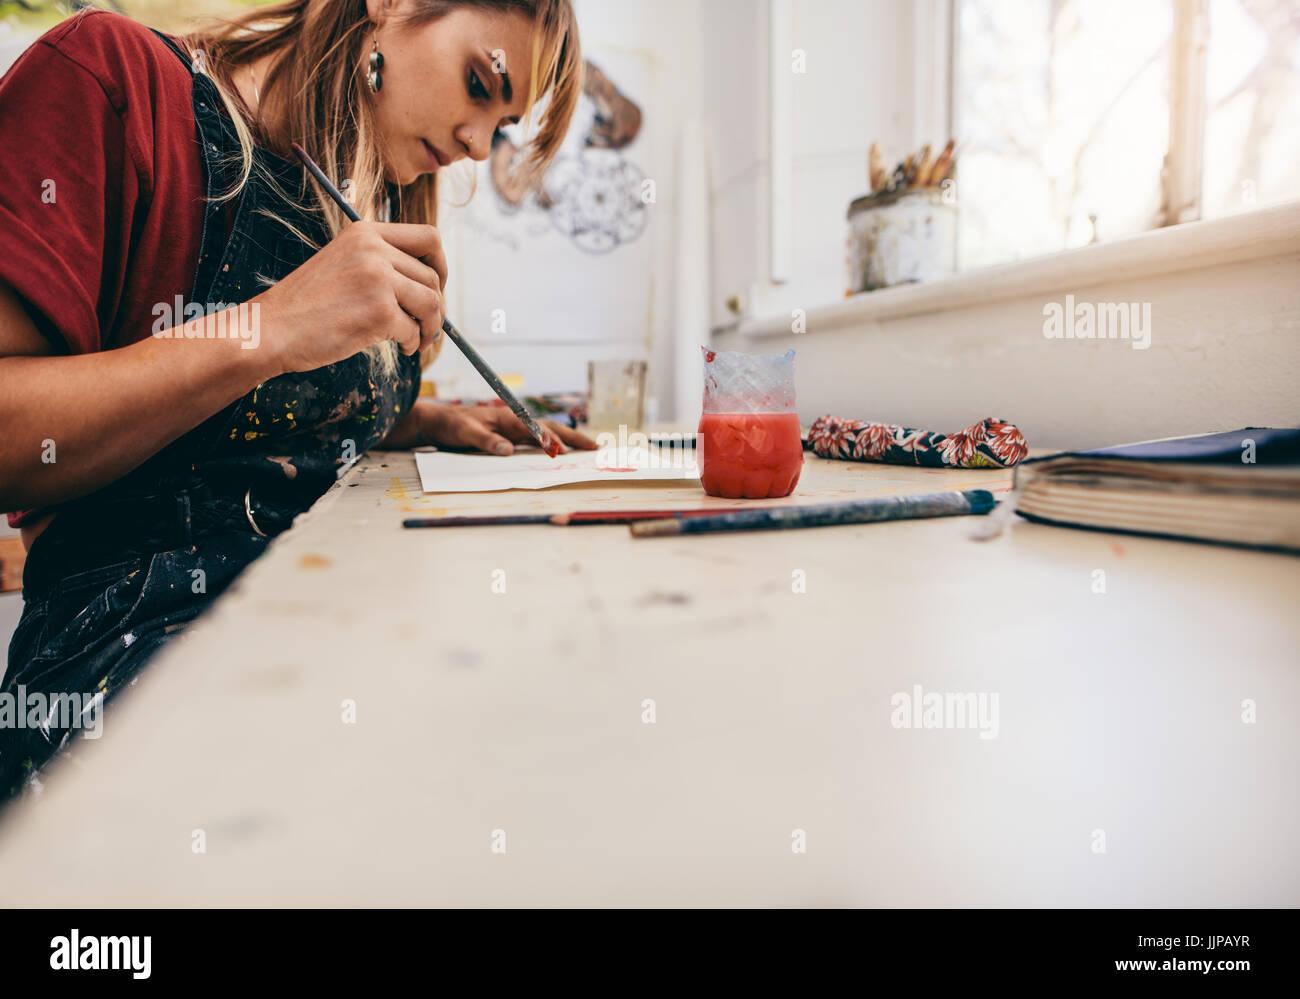 Bild der schönen Frau zeichnen von Bildern in ihrem Atelier. Künstlerin im Atelier malen. Stockbild